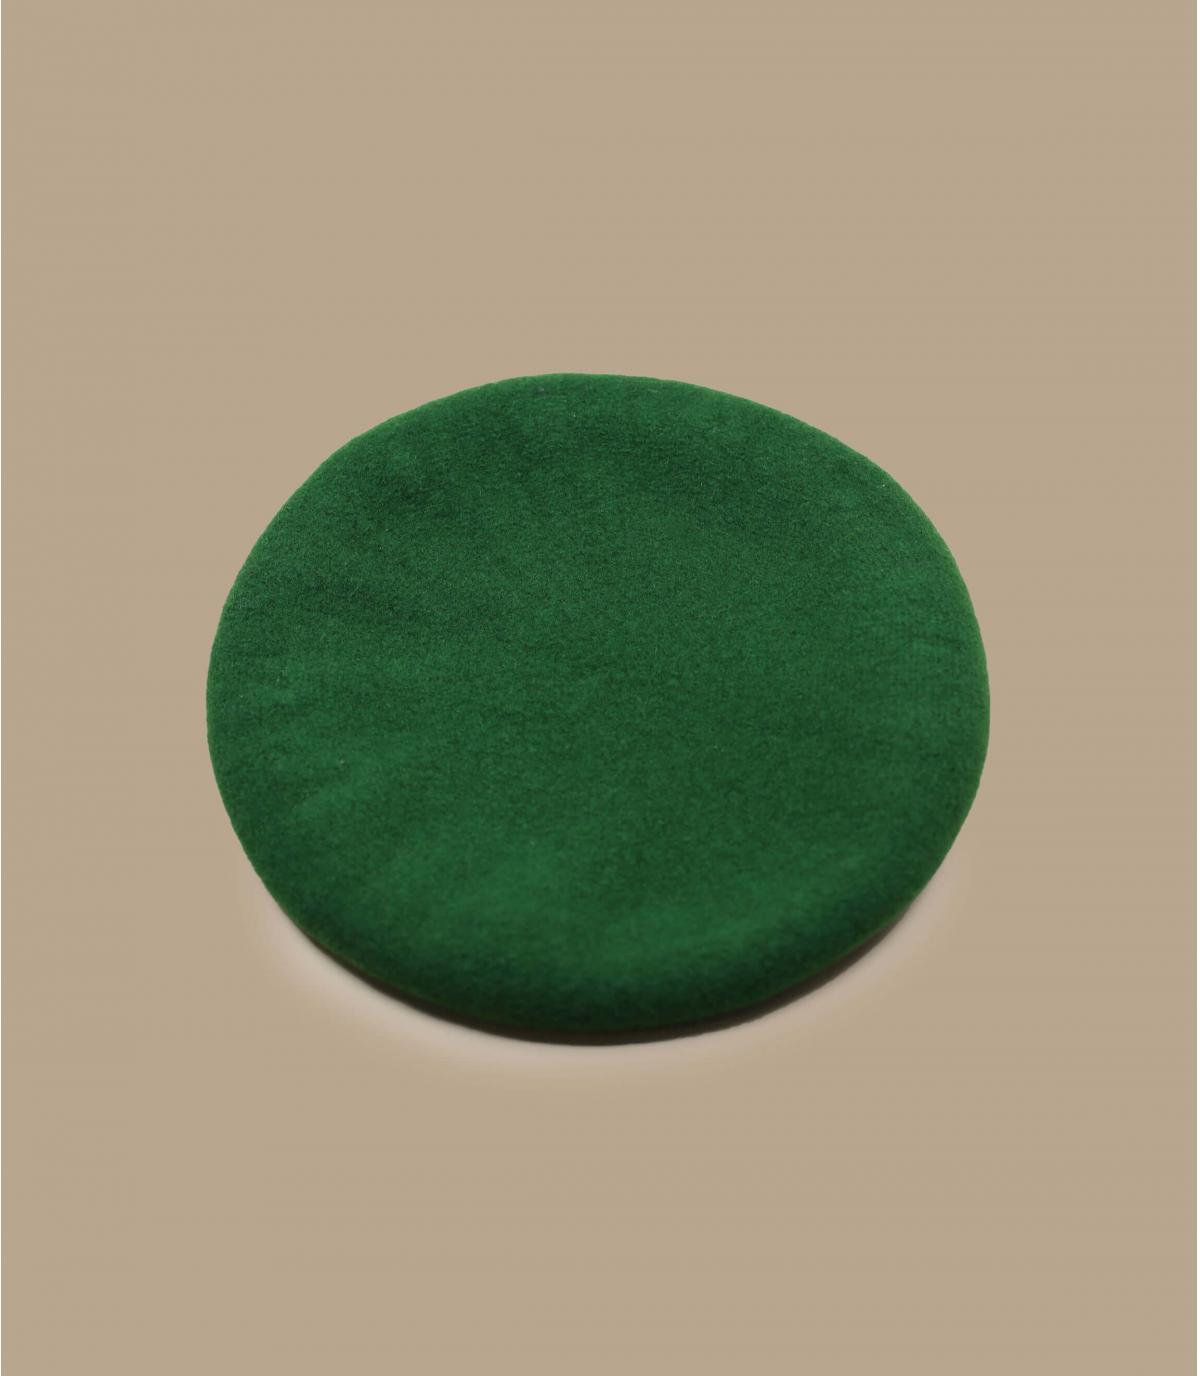 Détails Béret Commando vert légion - image 2